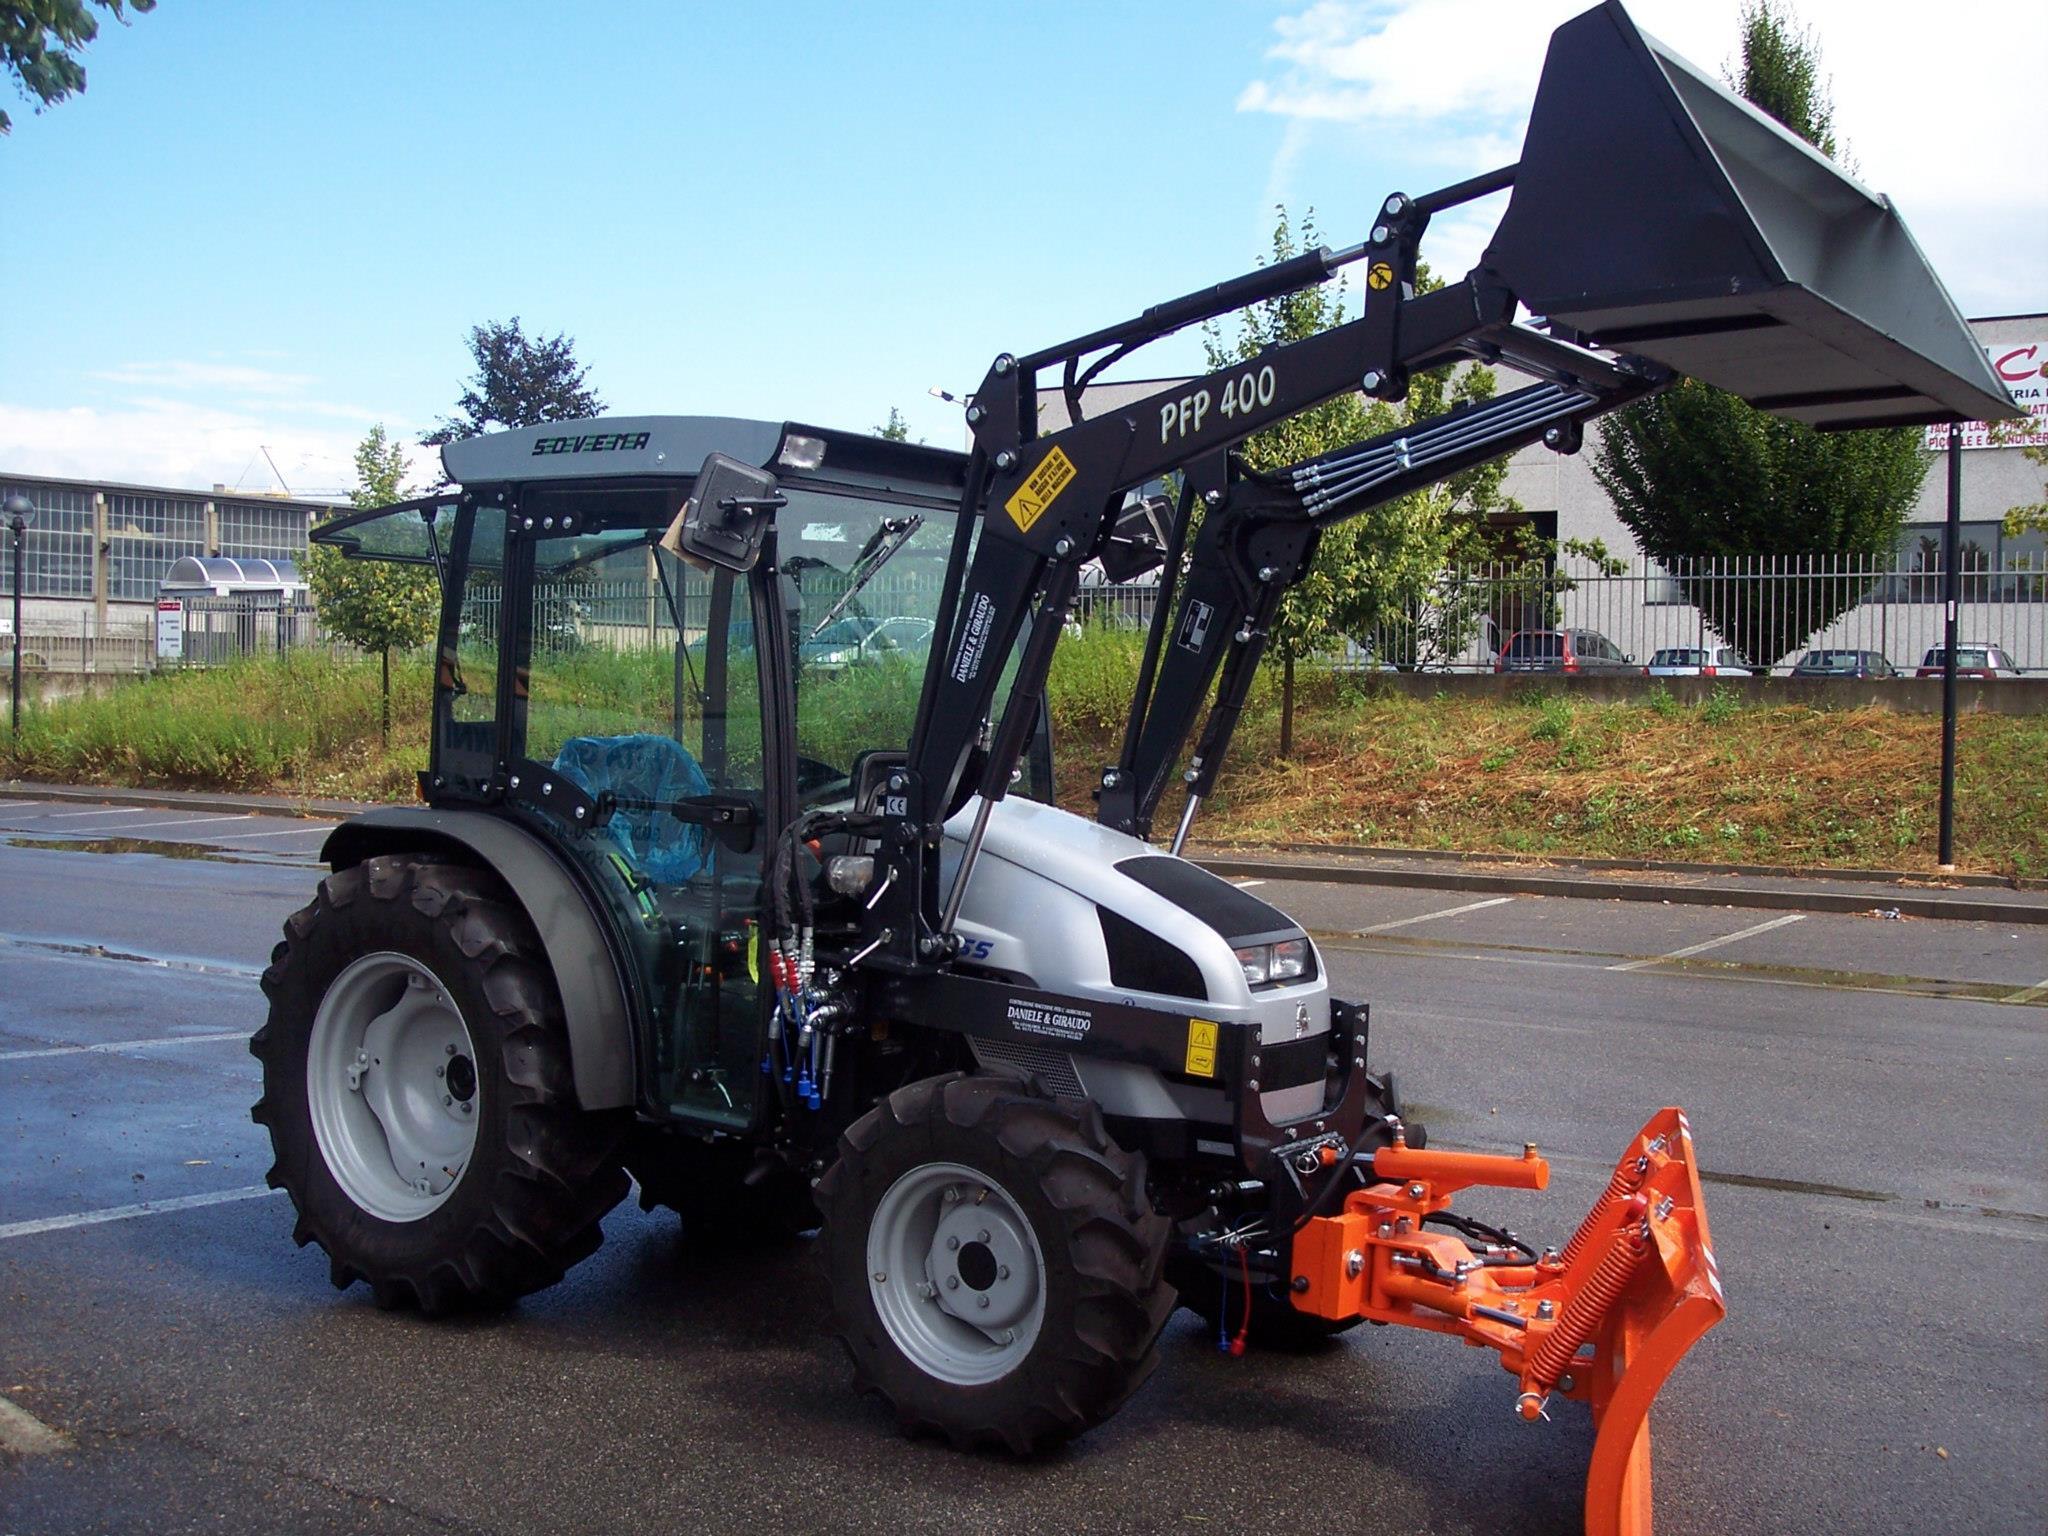 Macchine agricole como for Porrini macchine agricole